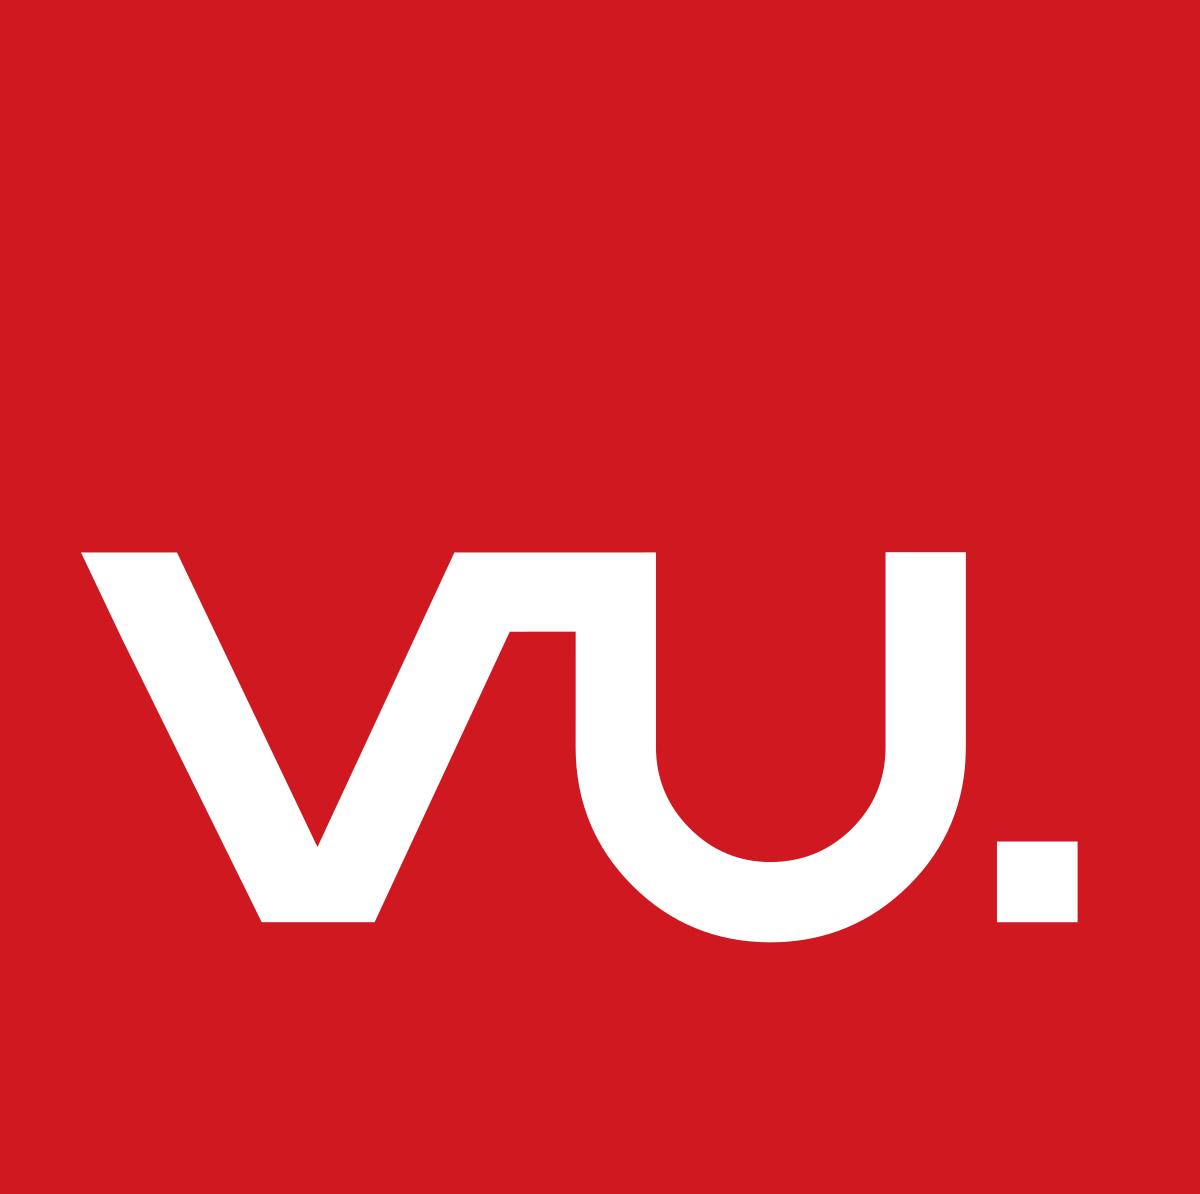 VU Vaterl